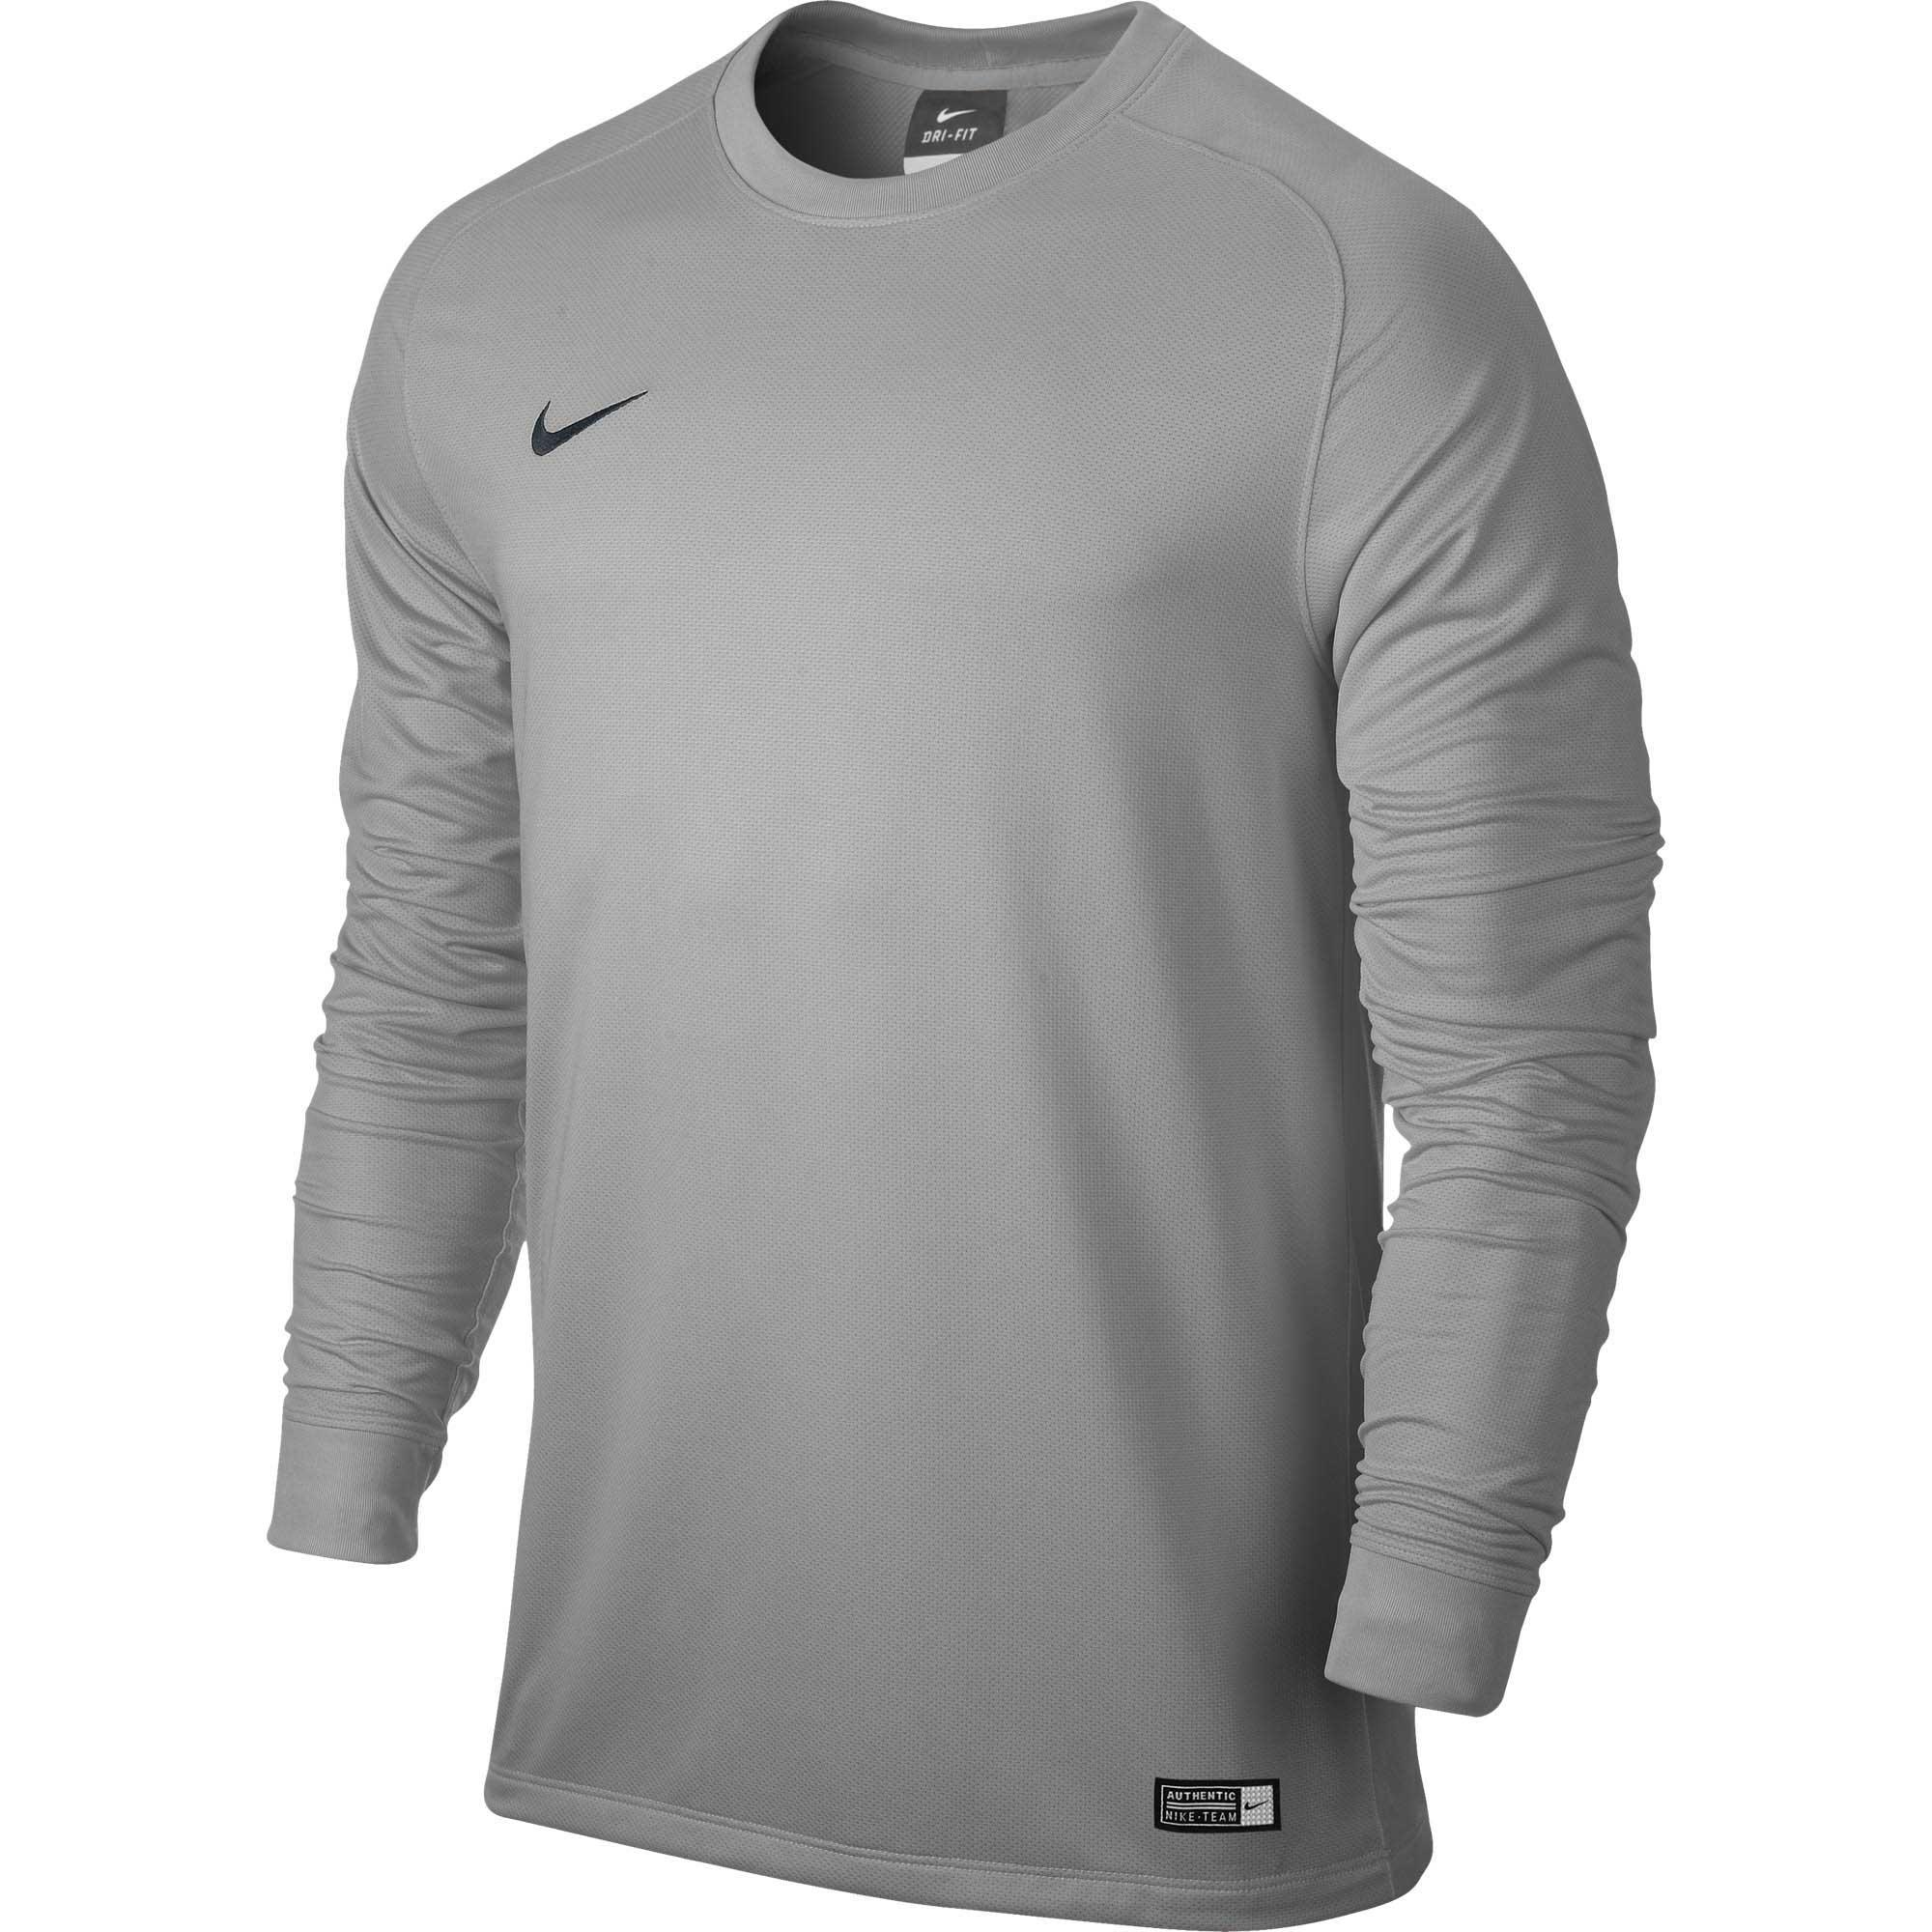 954bbe8cab02 Nike Kids Park II - Goalkeeper Jerseys - SoccerPro.com